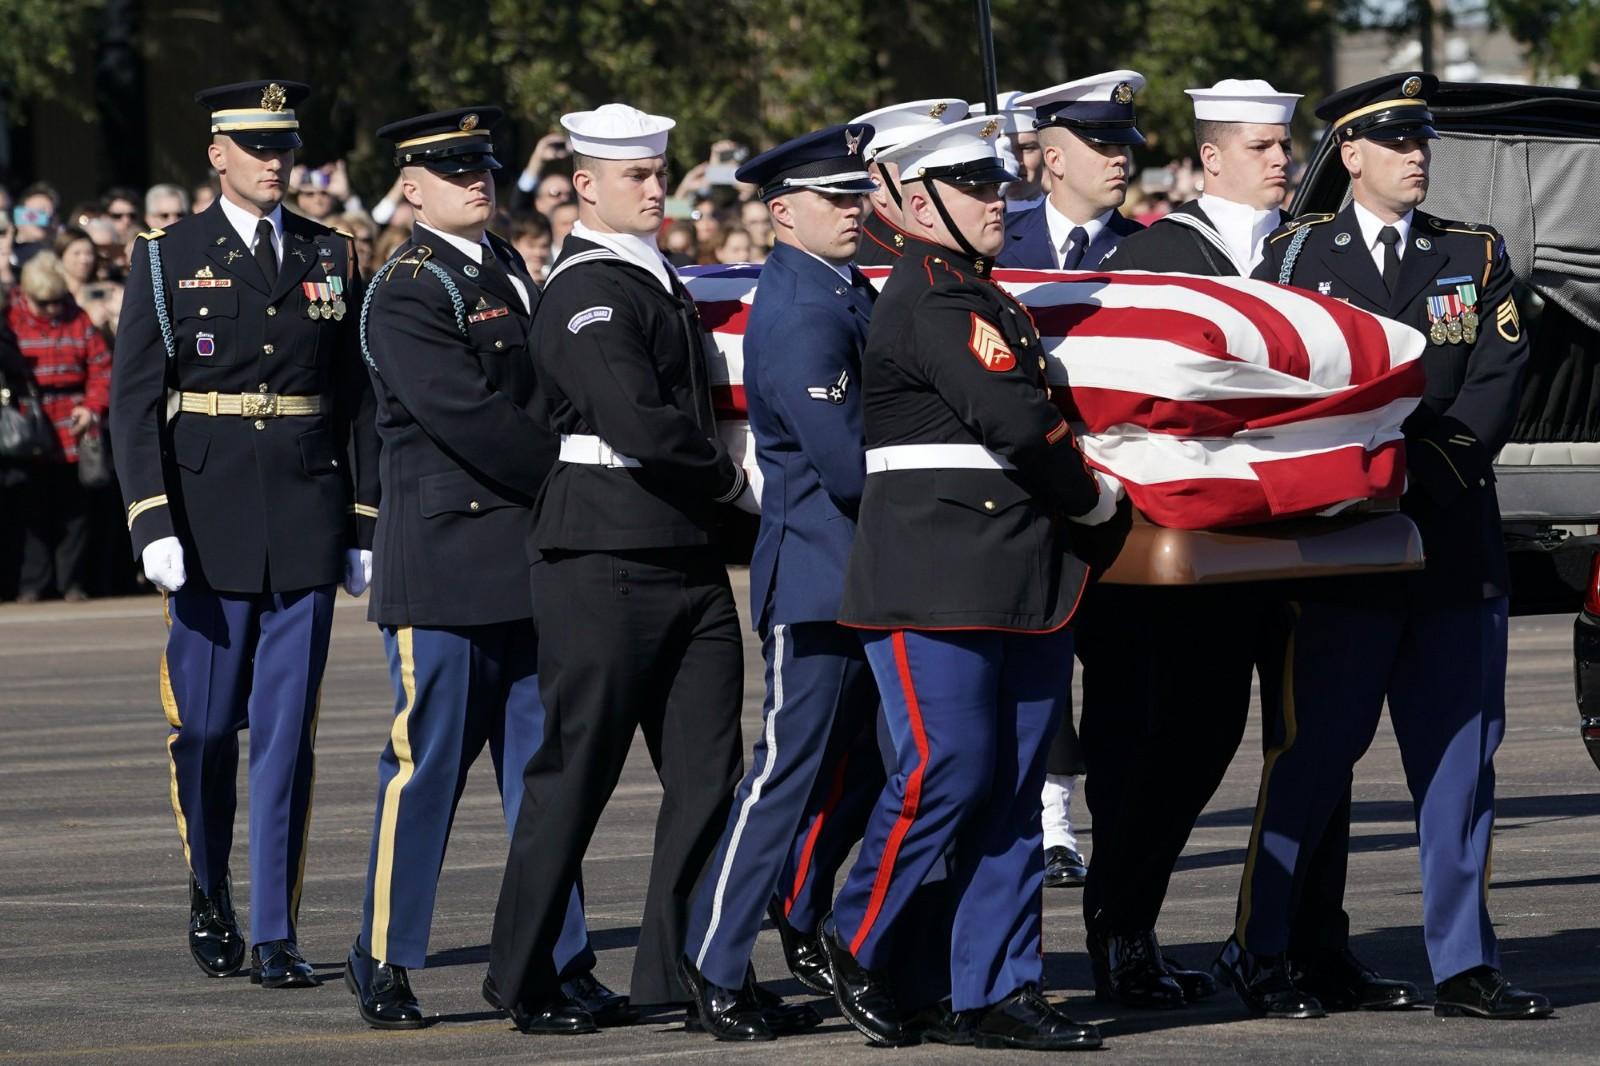 老布什灵柩运抵华盛顿陈列在国会大厦供瞻仰 特朗普将致敬